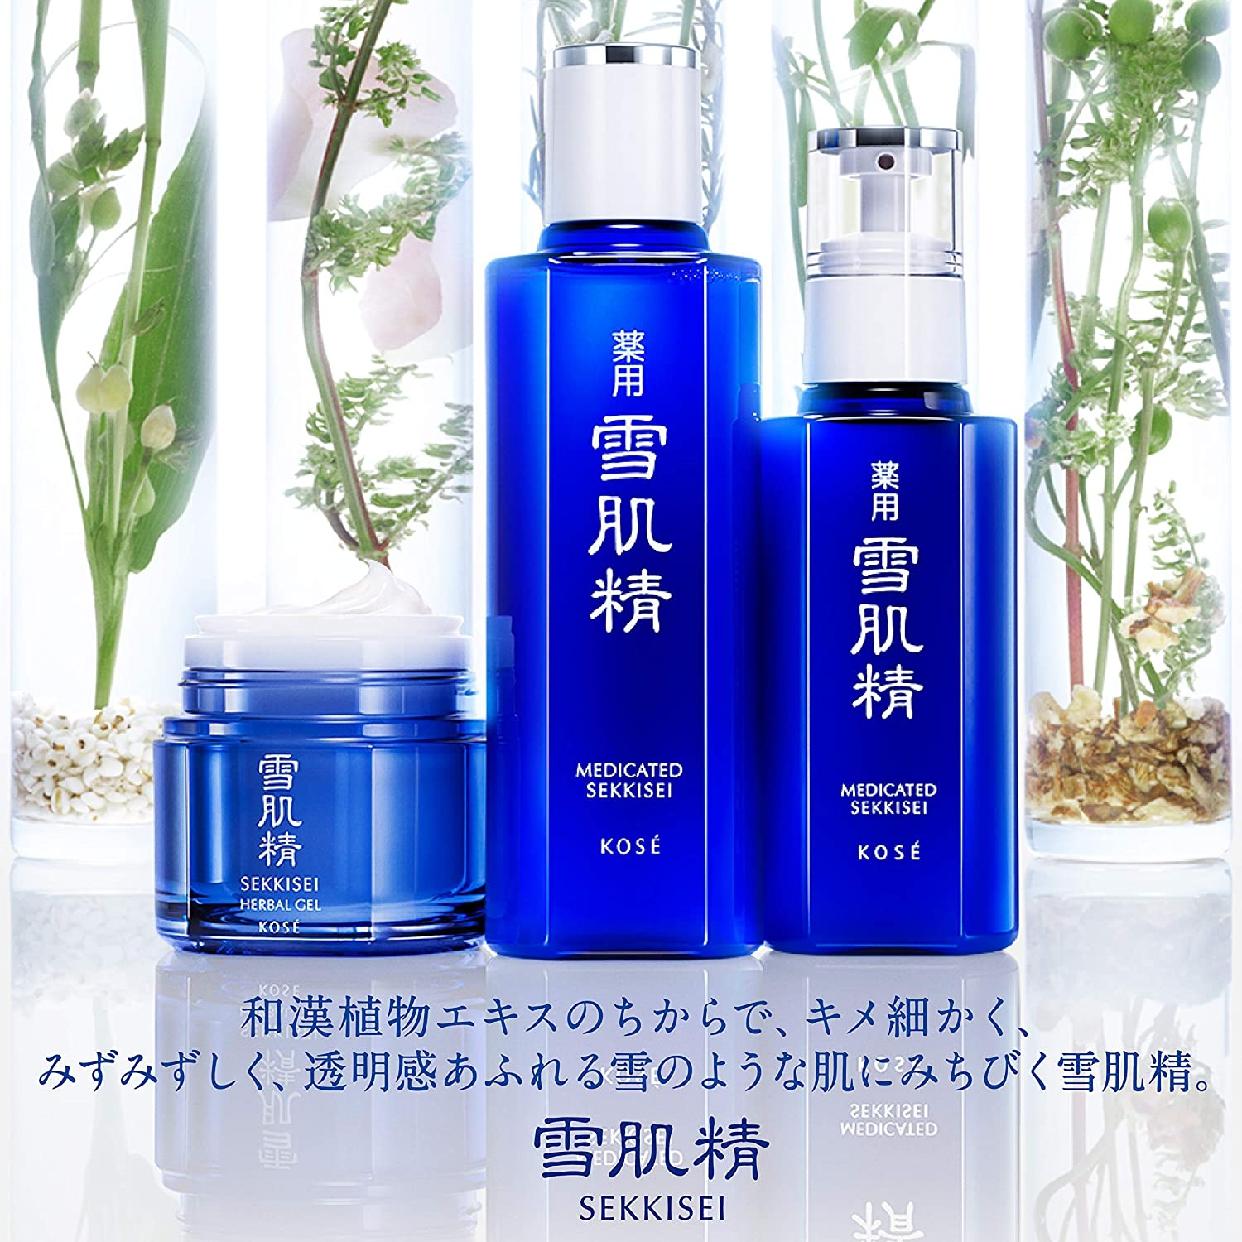 雪肌精(SEKKISEI) クレンジング クリームの商品画像4